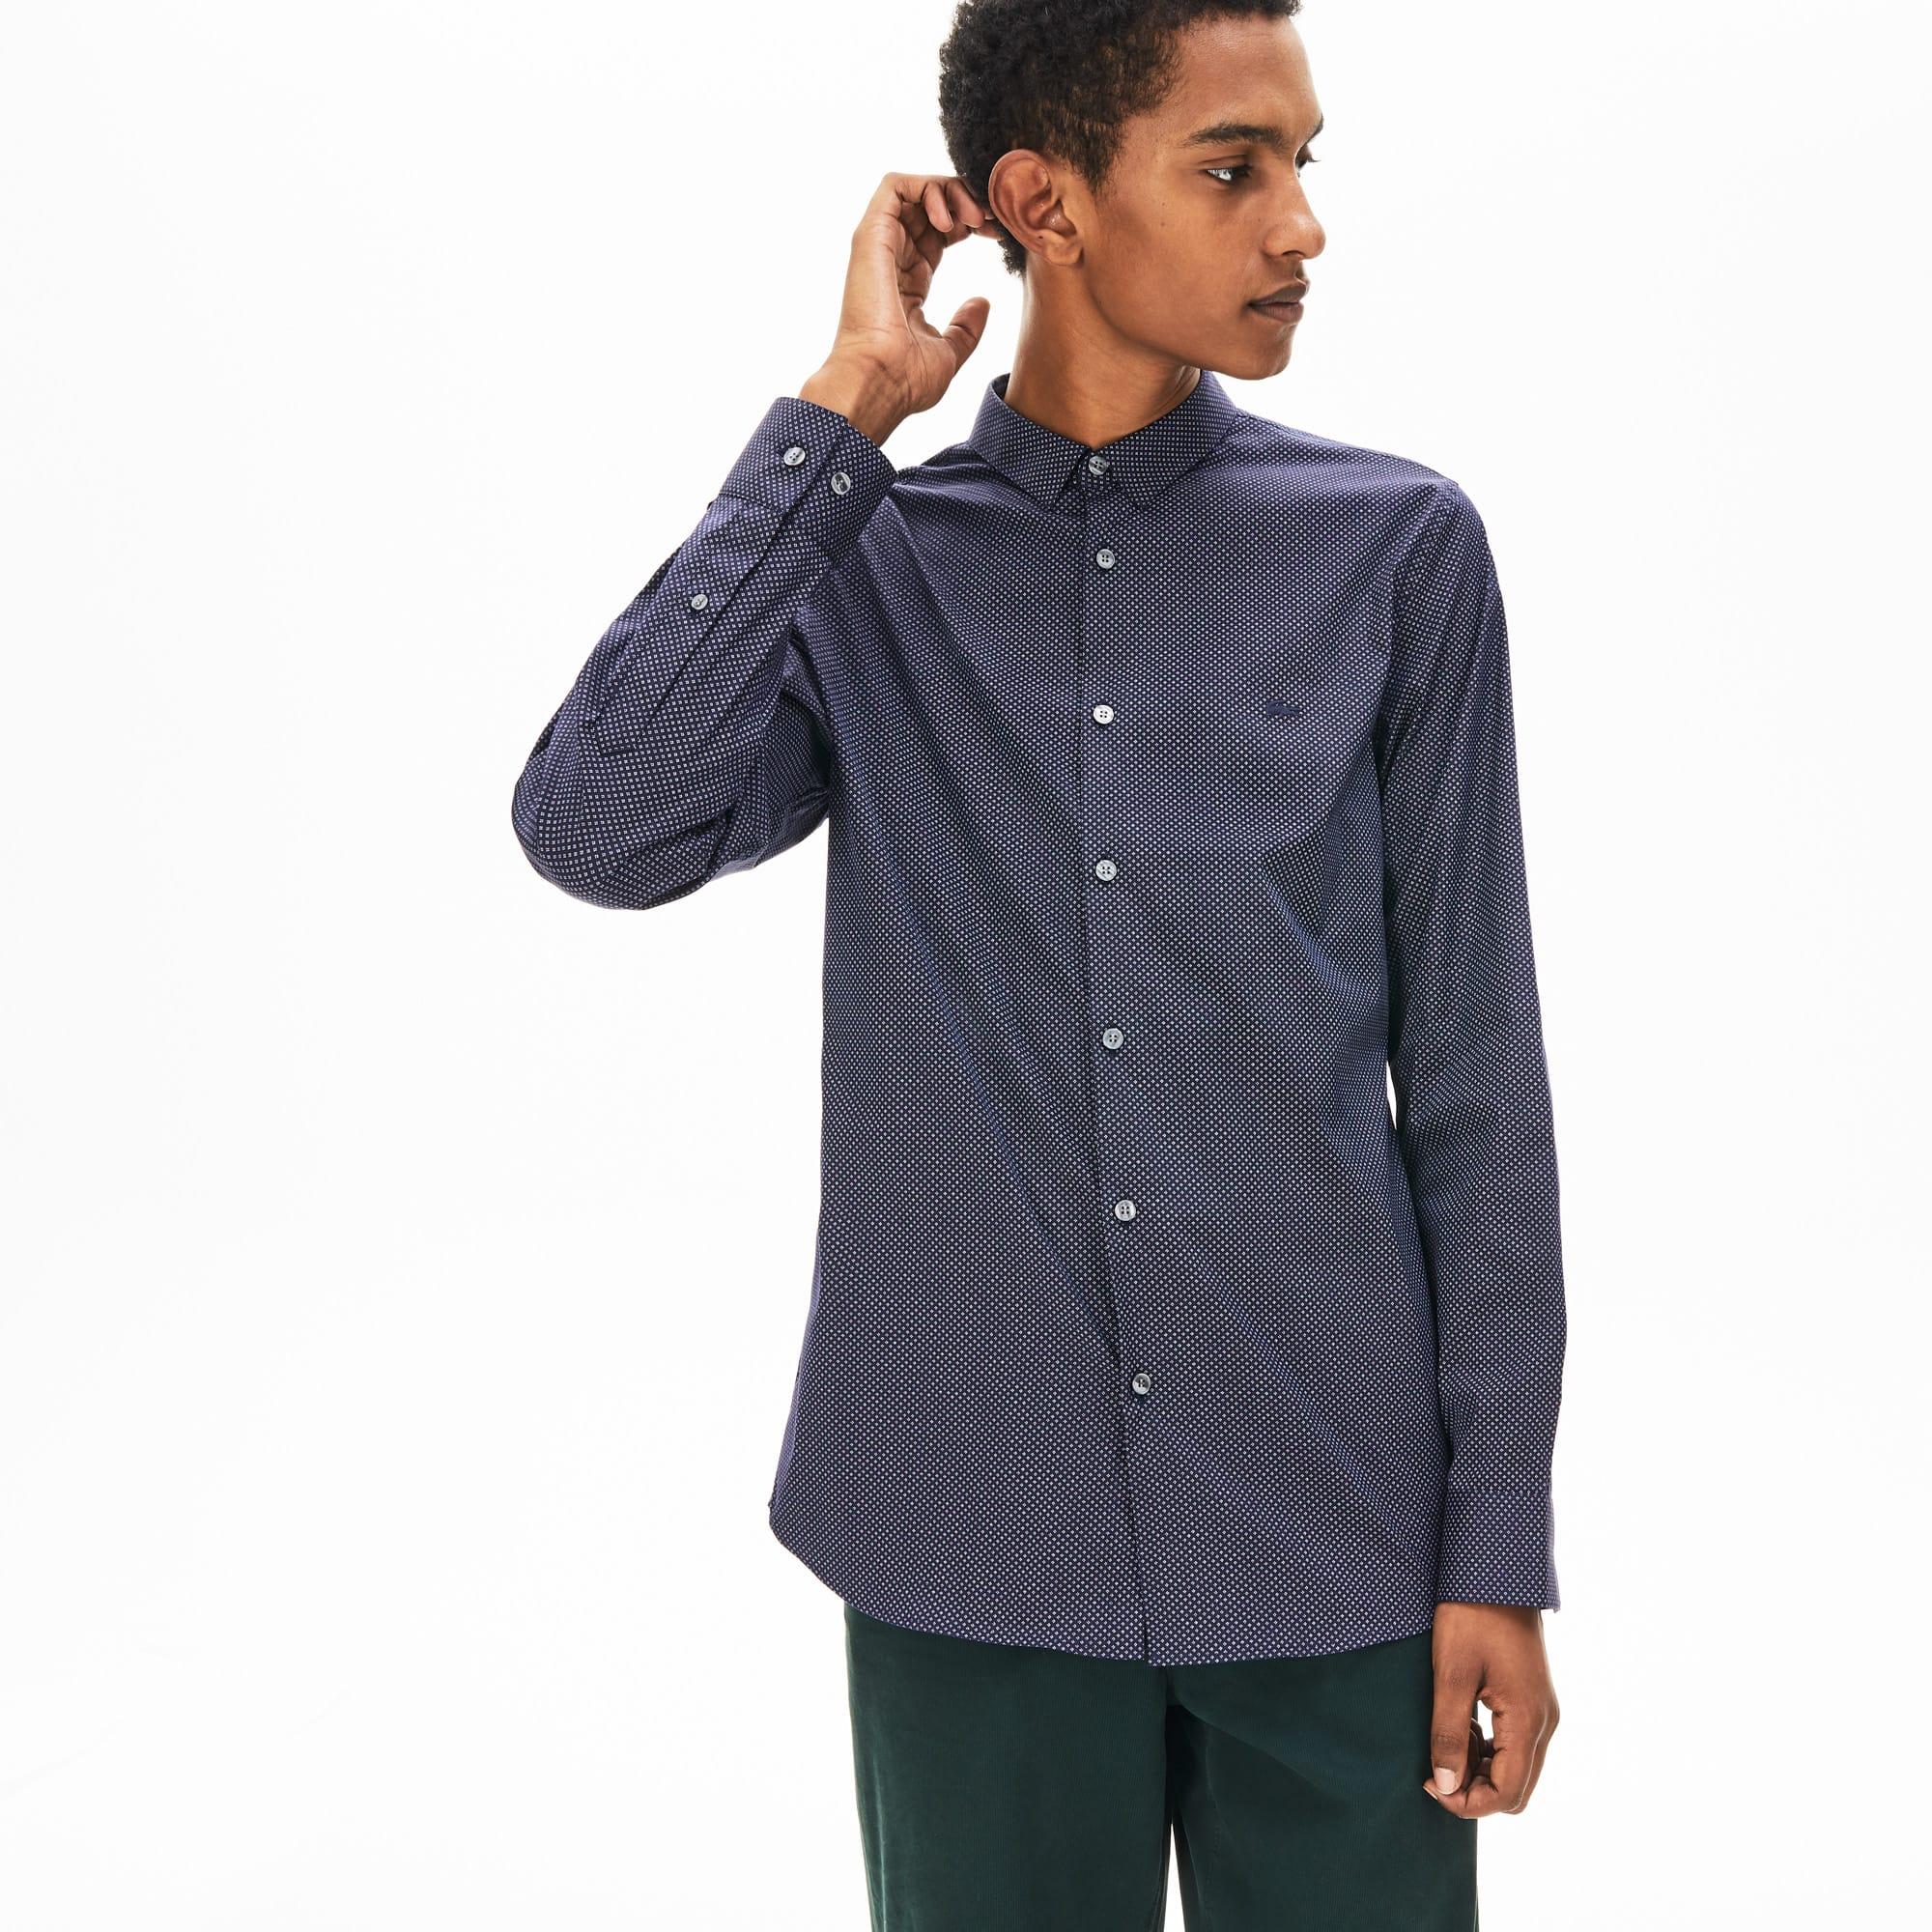 Costo Camicie Uomo Camicie A Basso WDIeH2YE9b